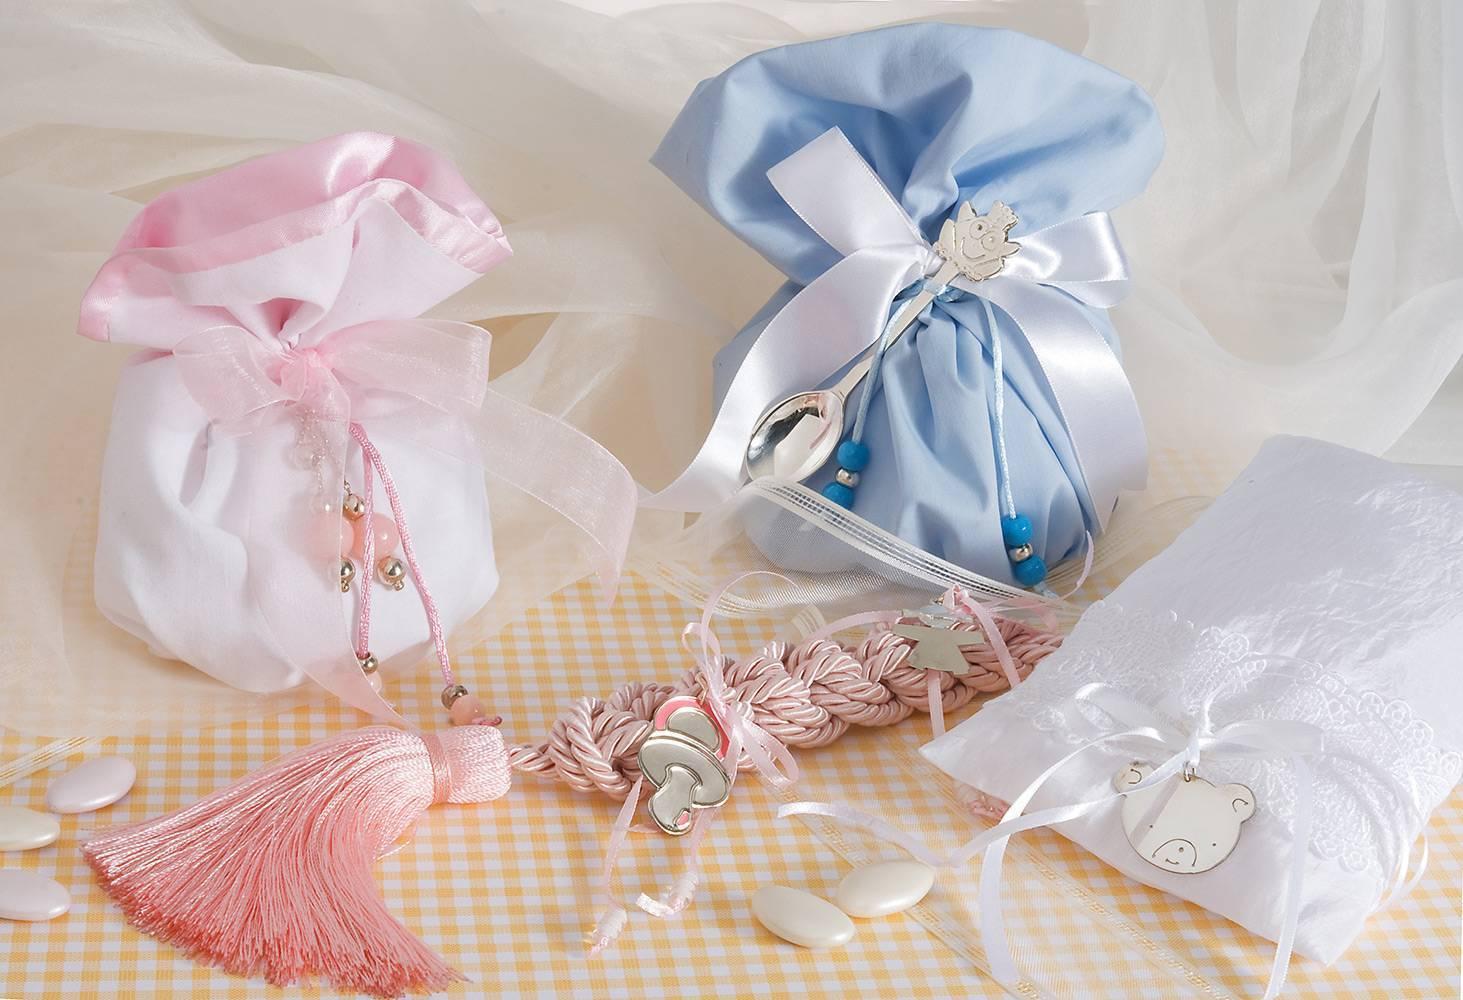 Что подарить ребенку на крещение? подарки на крестины мальчику и девочке, какие дарят